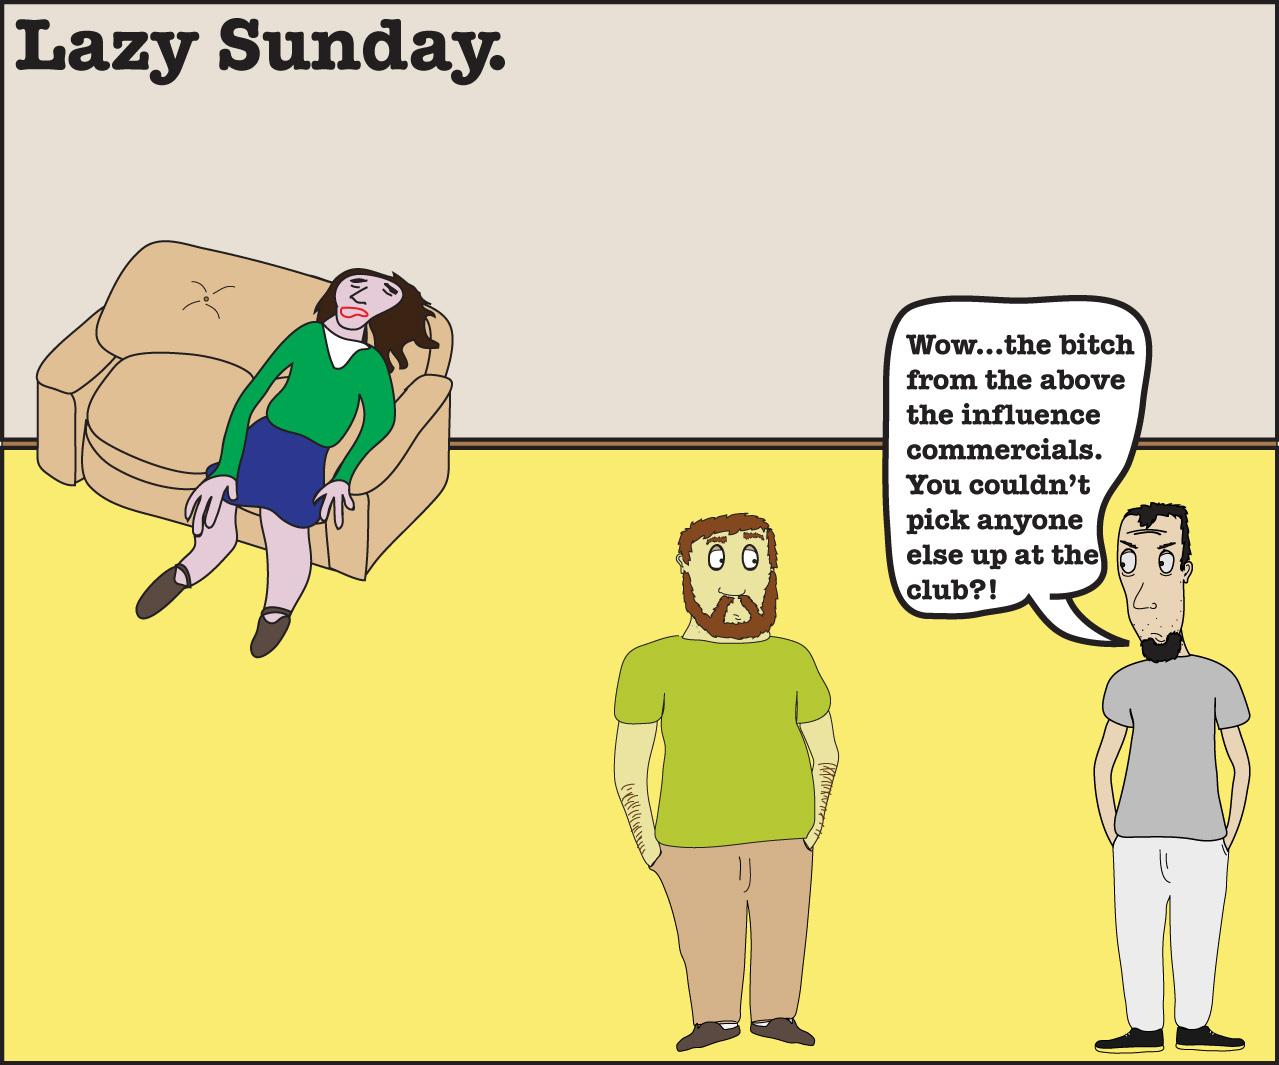 Lazy Sunday(Bad Influence)